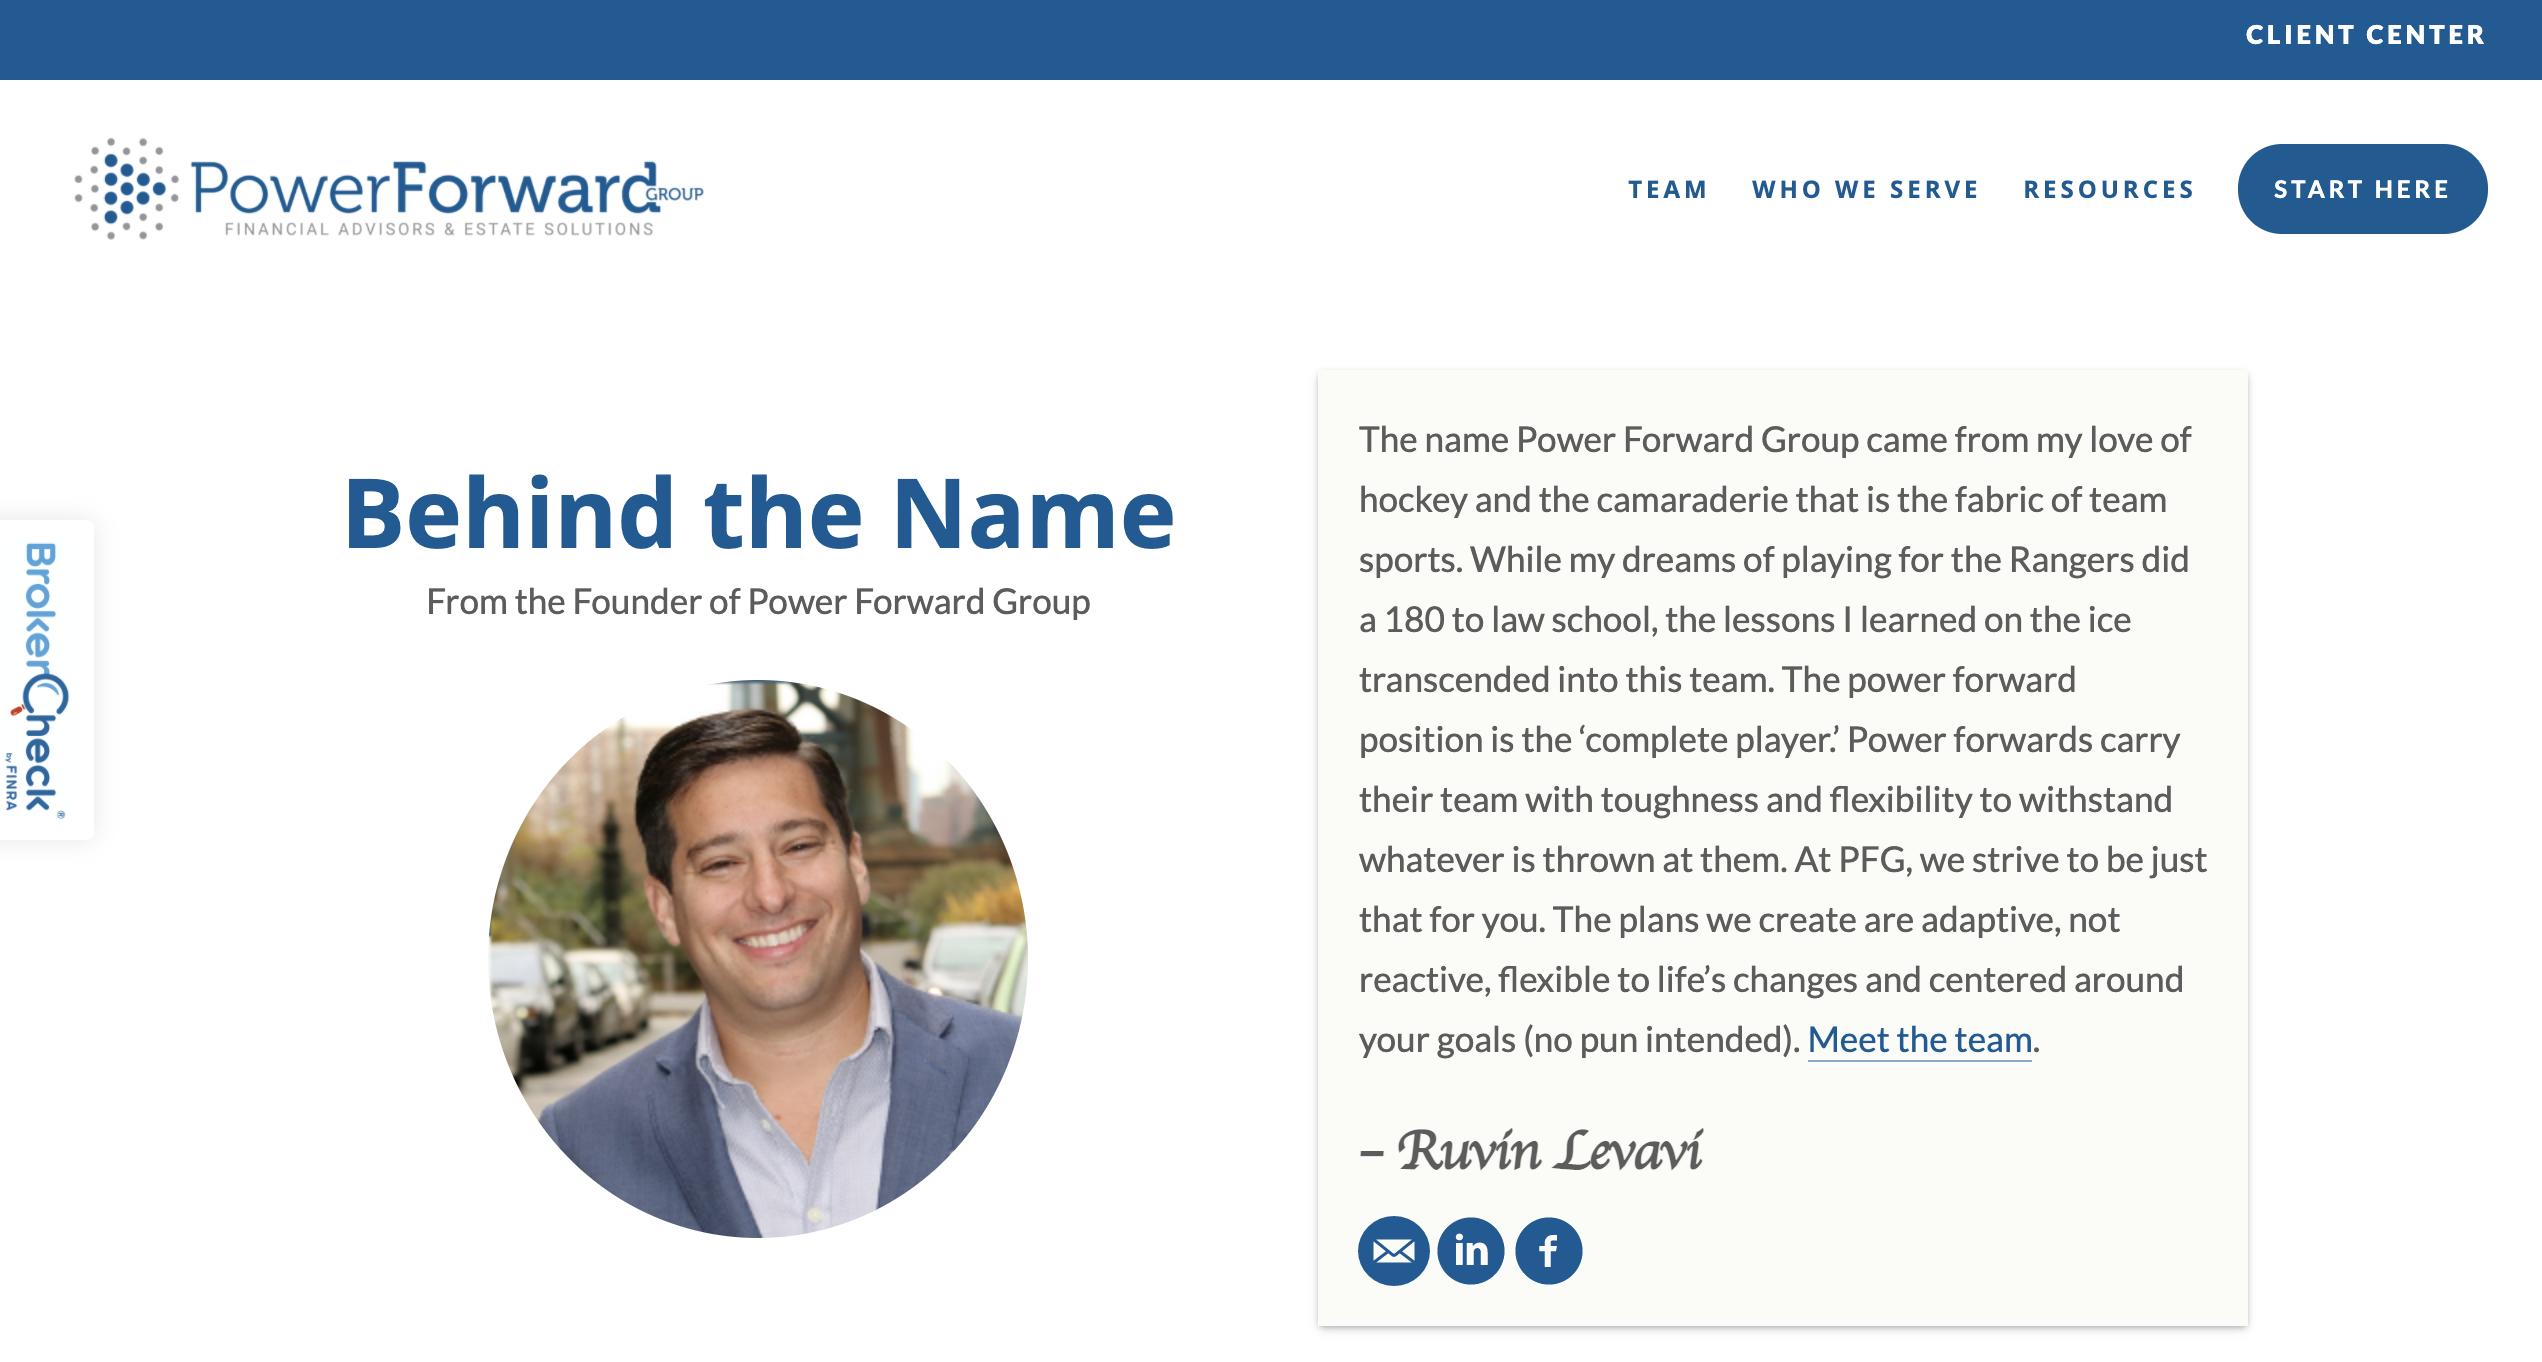 Power Forward Group